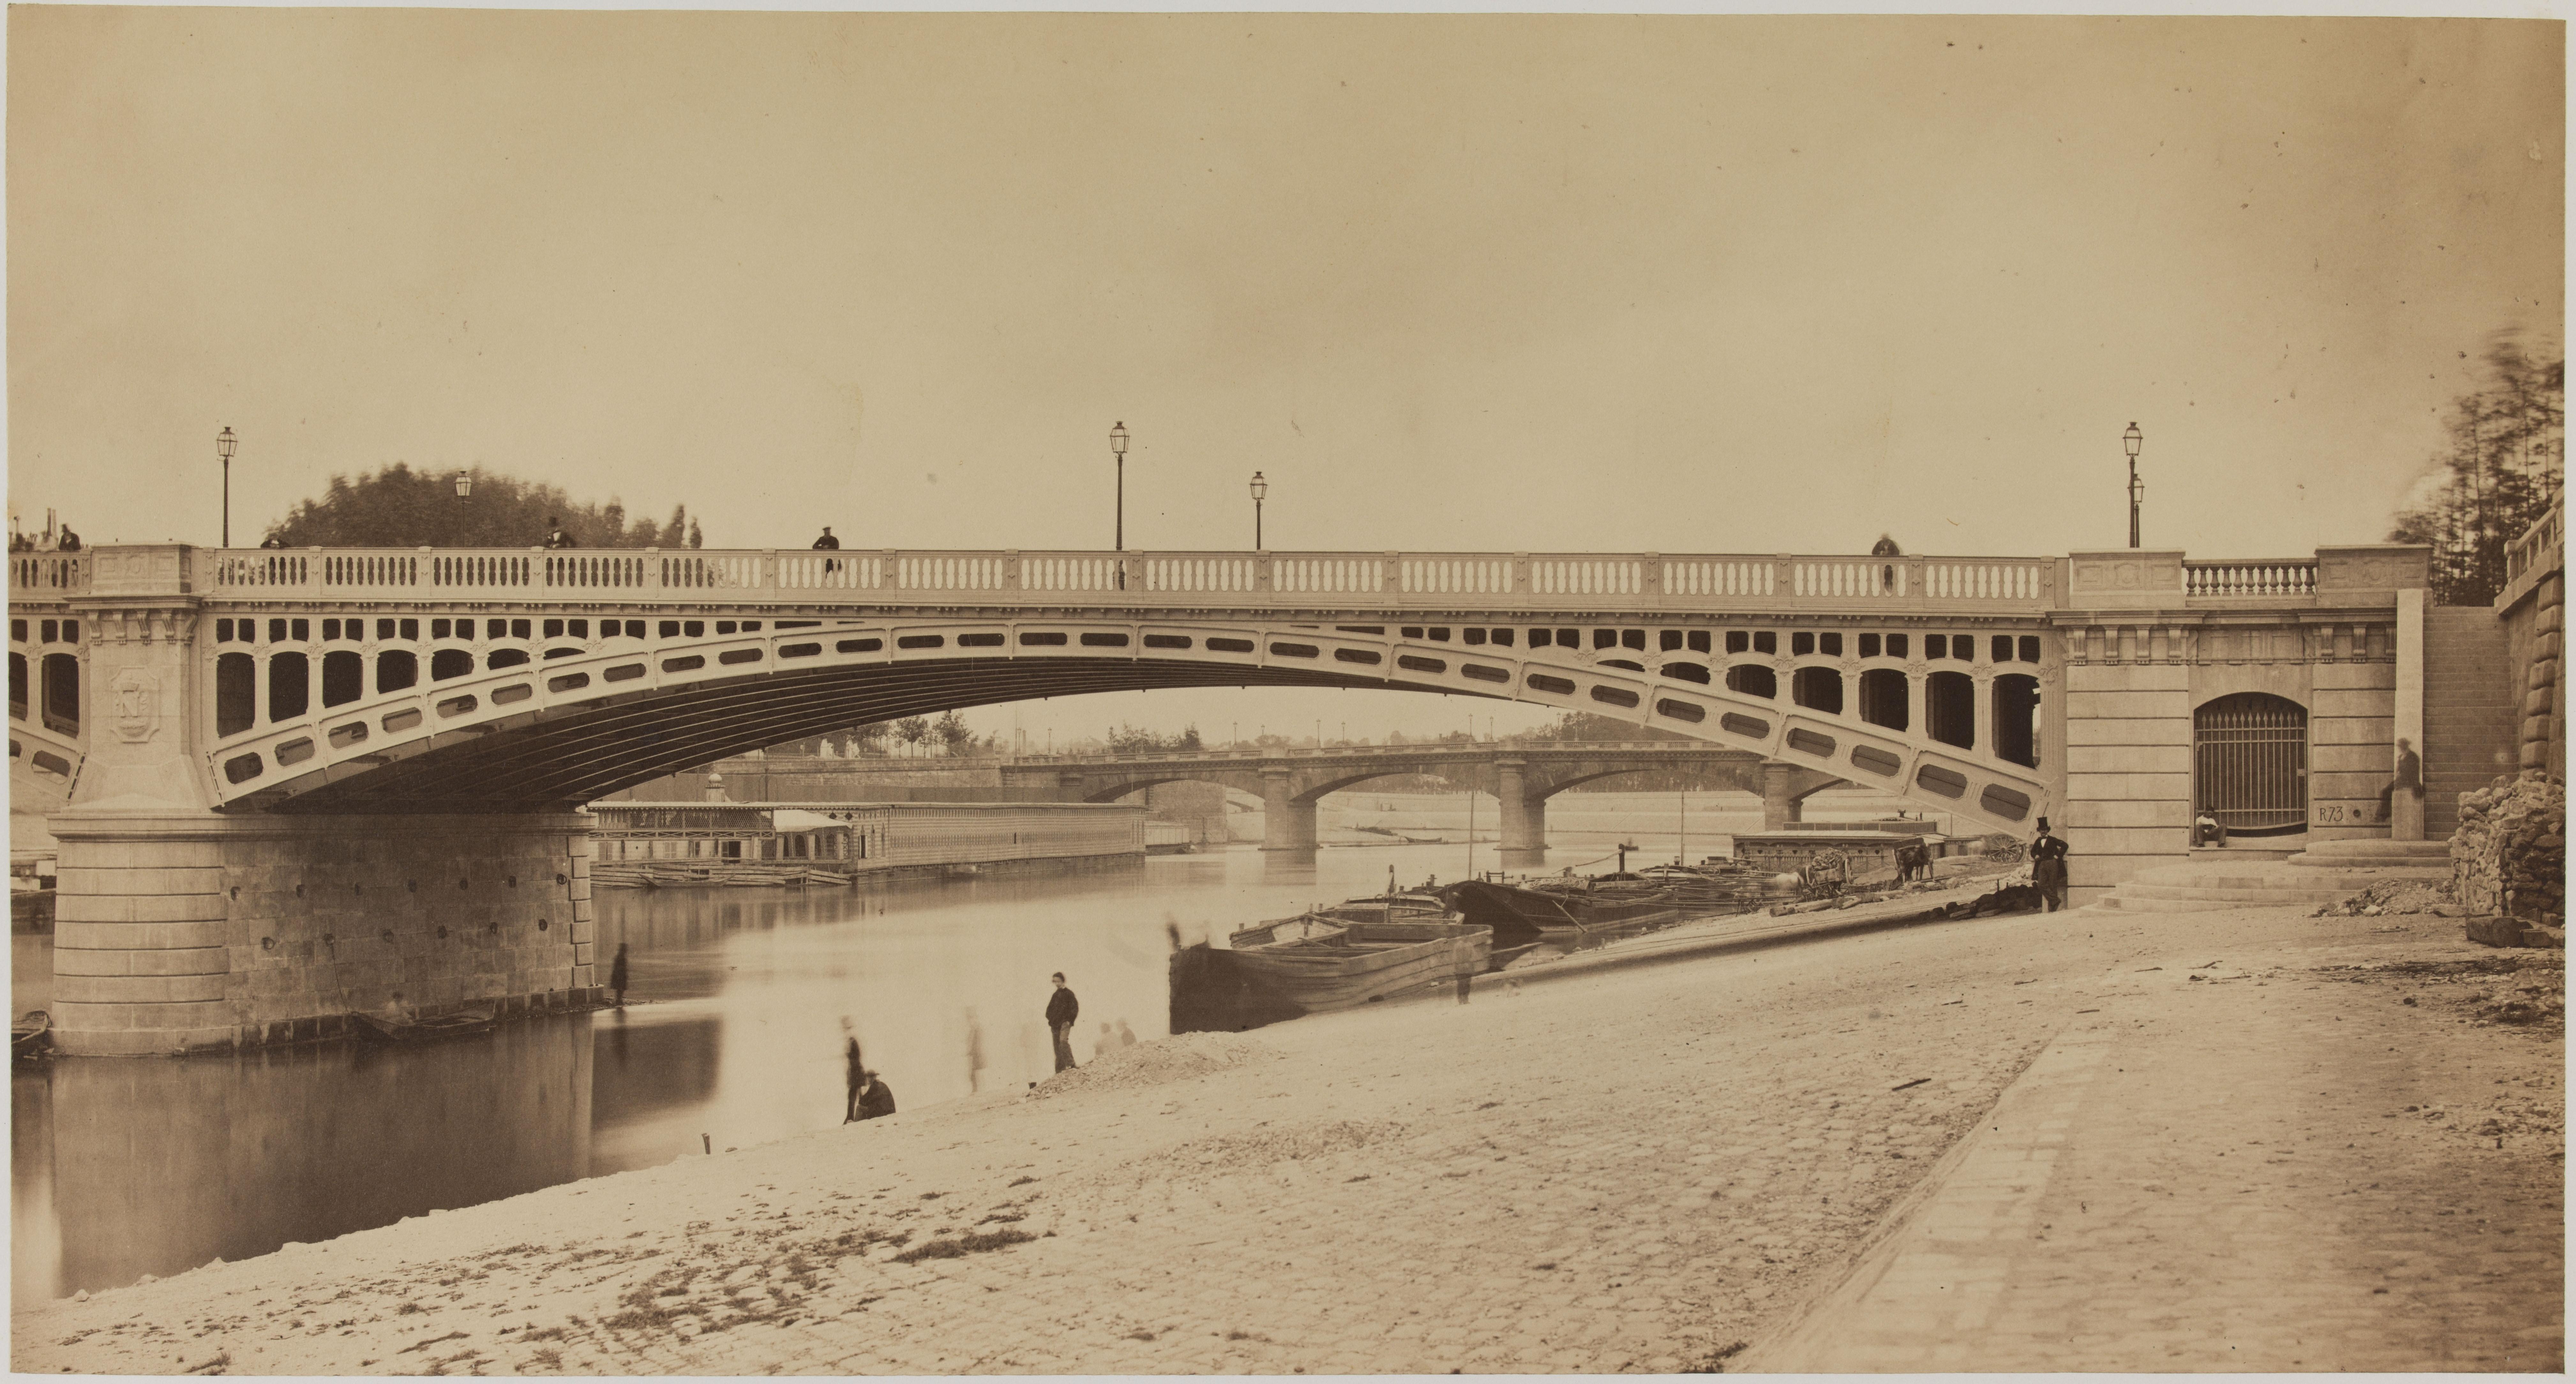 02.  Вид арки моста на левом берегу , снятый вниз по течению